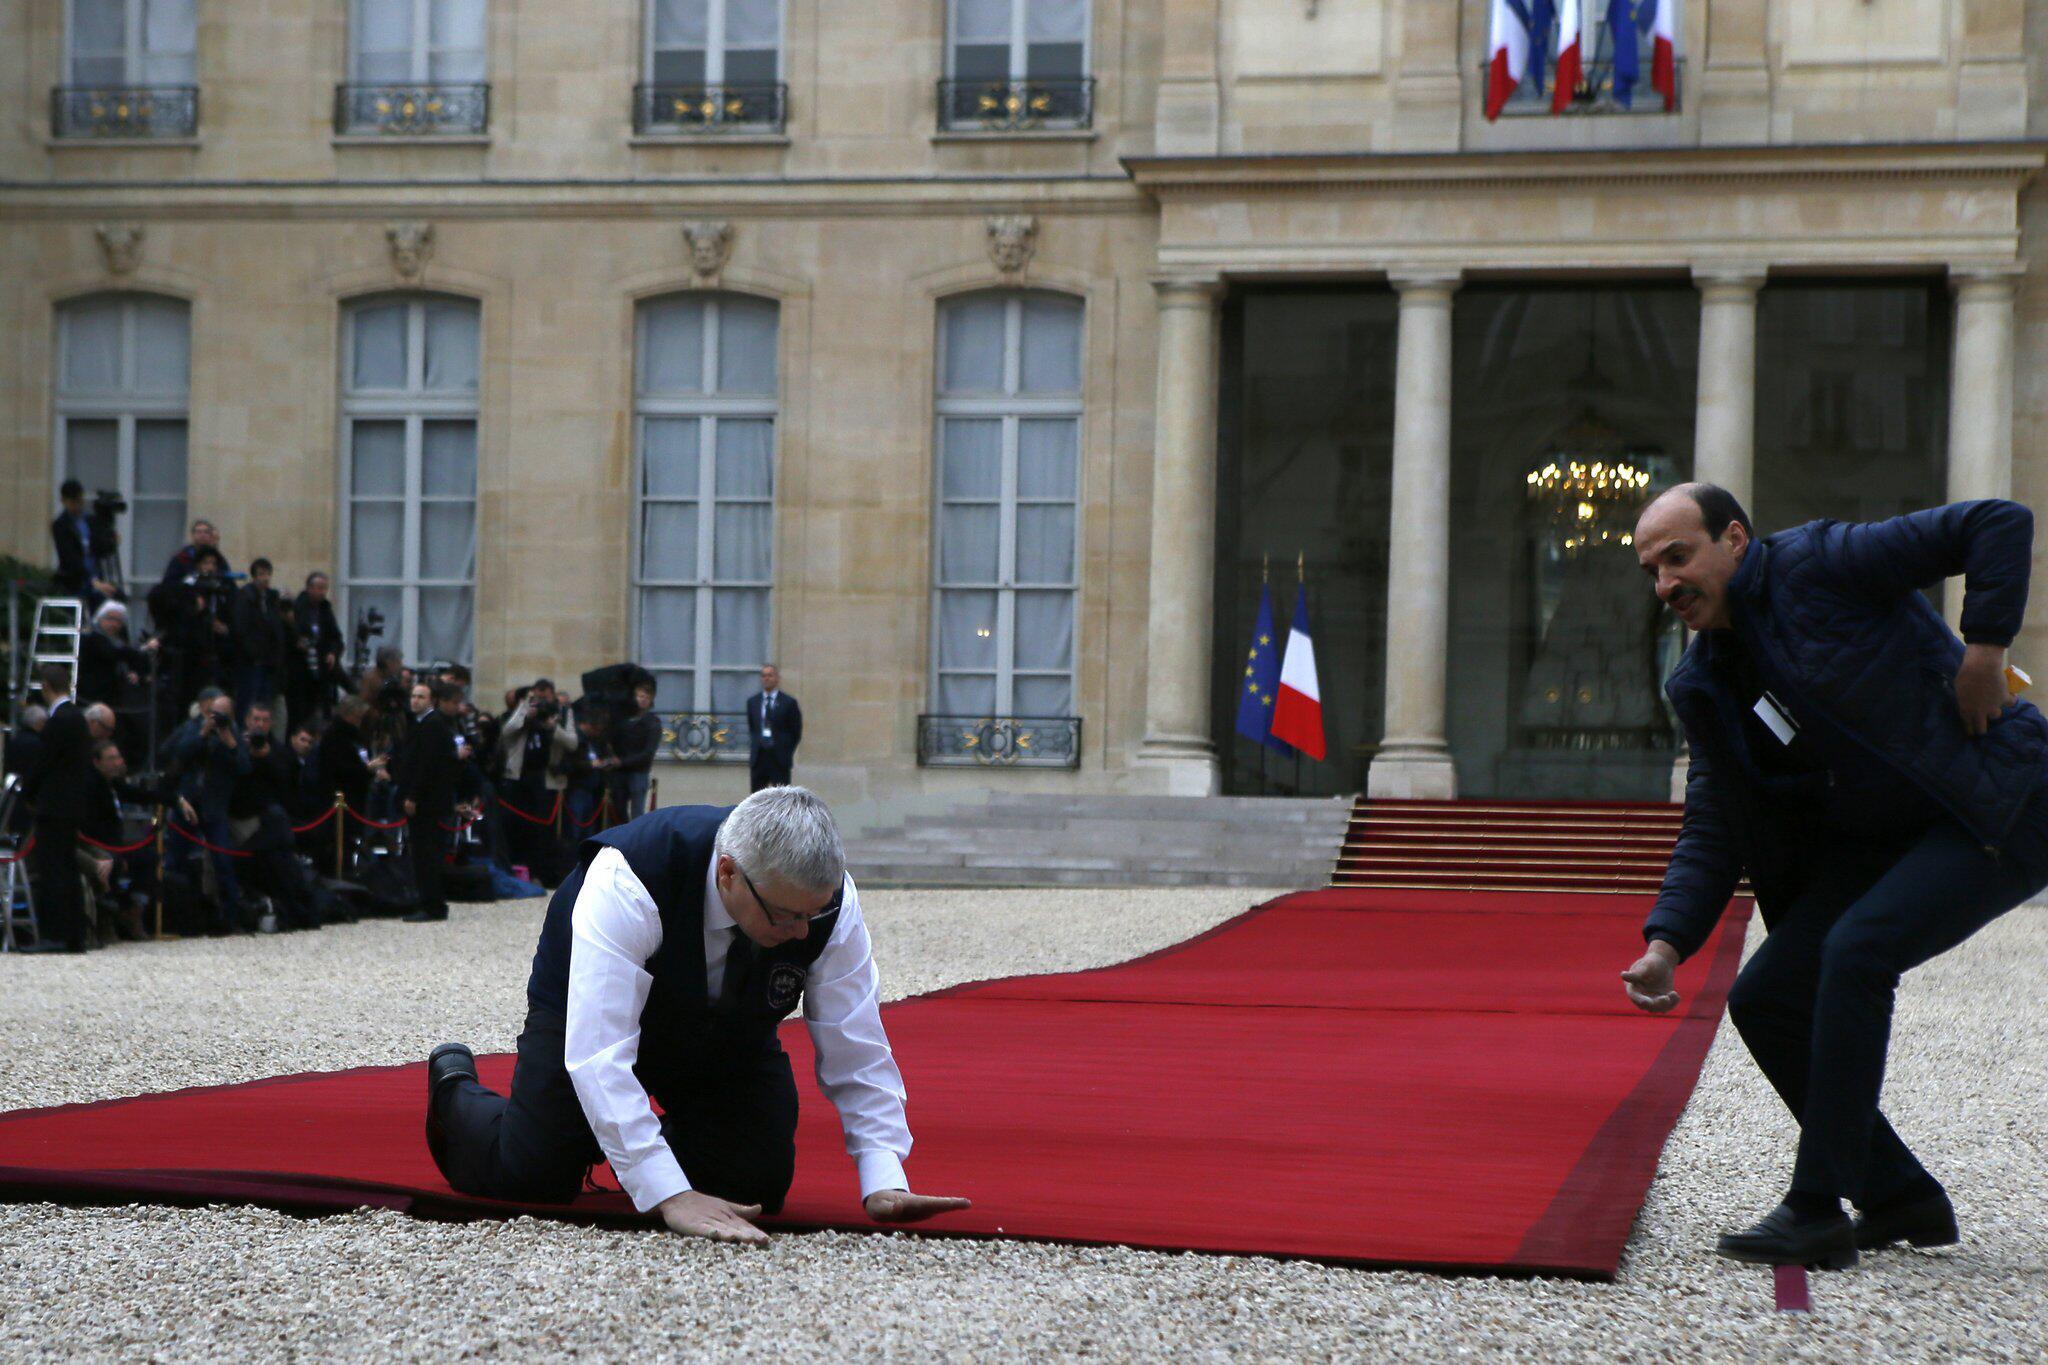 Bild zu Amtseinführung des neuen französischen Präsidenten Macron